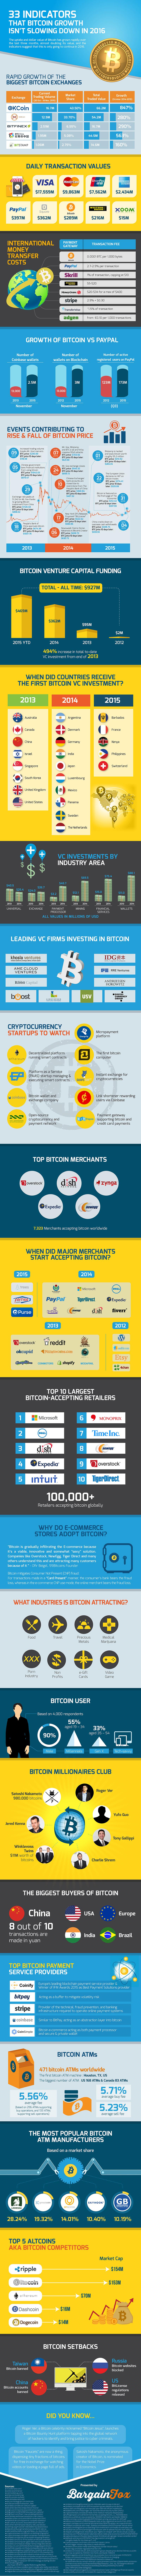 Bitcoin in 2016